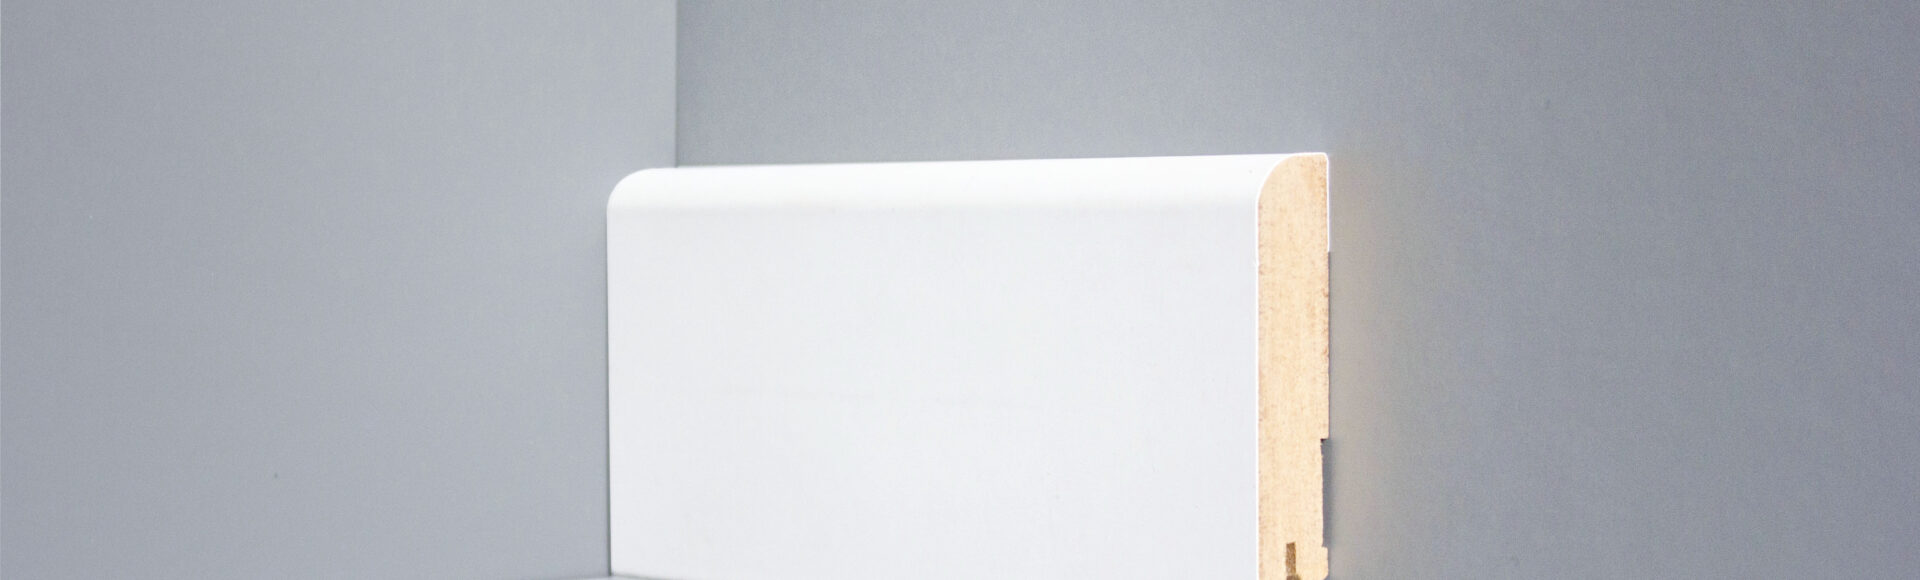 Плинтус— предназначение, виды и технология укладки